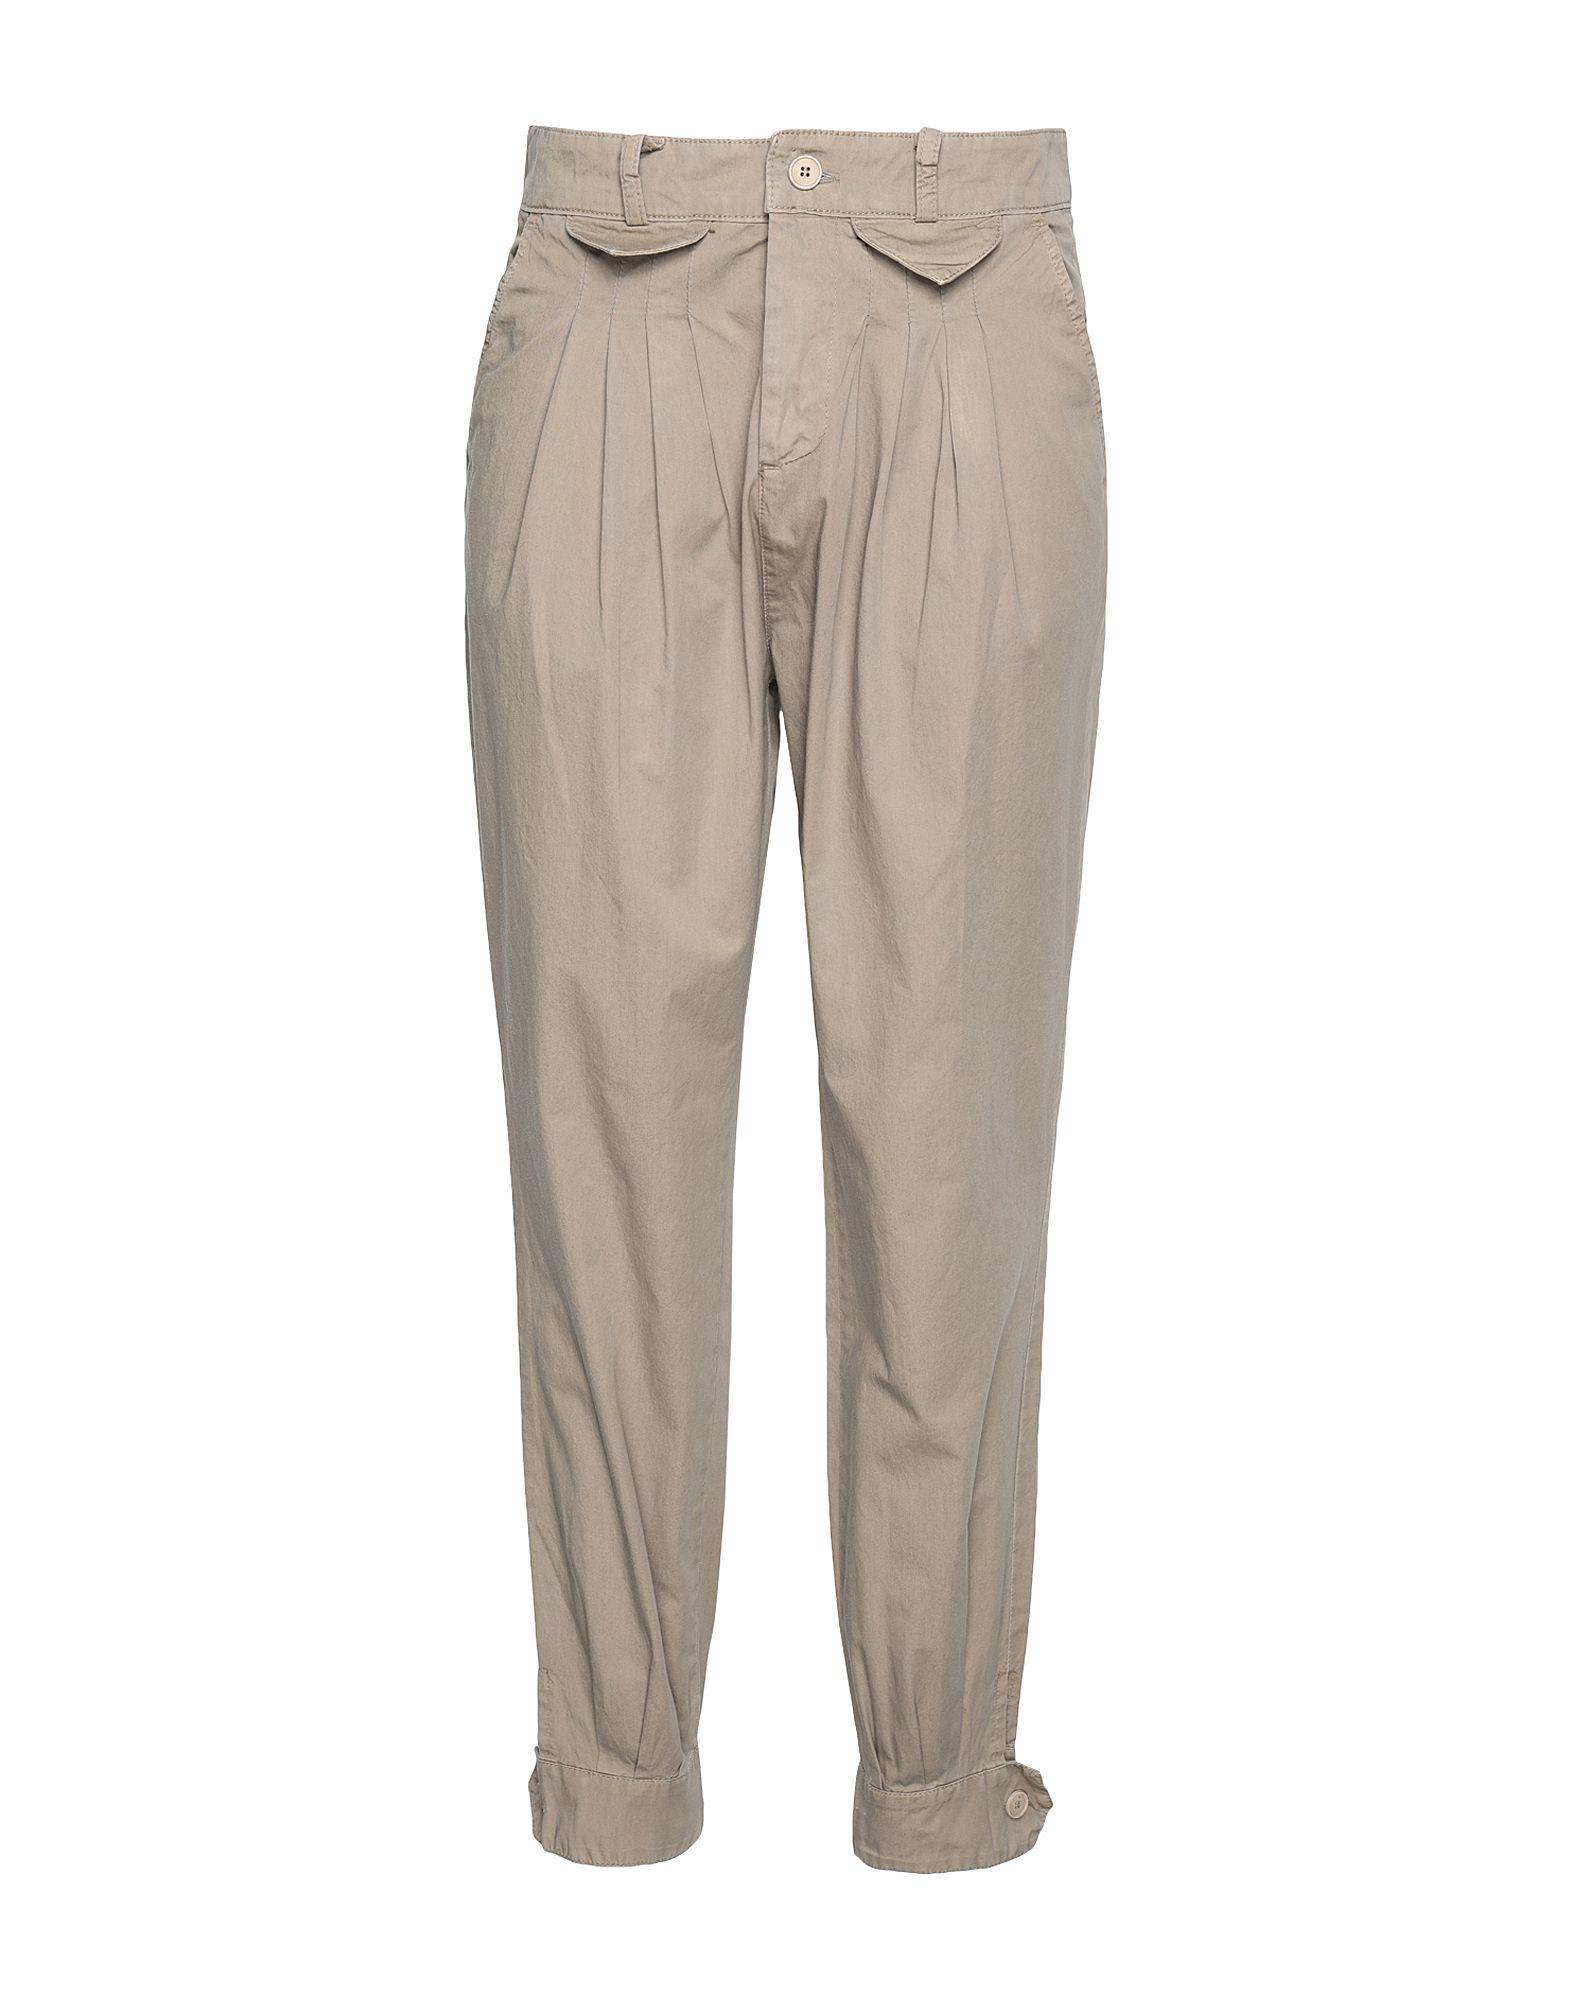 купить брюки спортивные утепленные женские